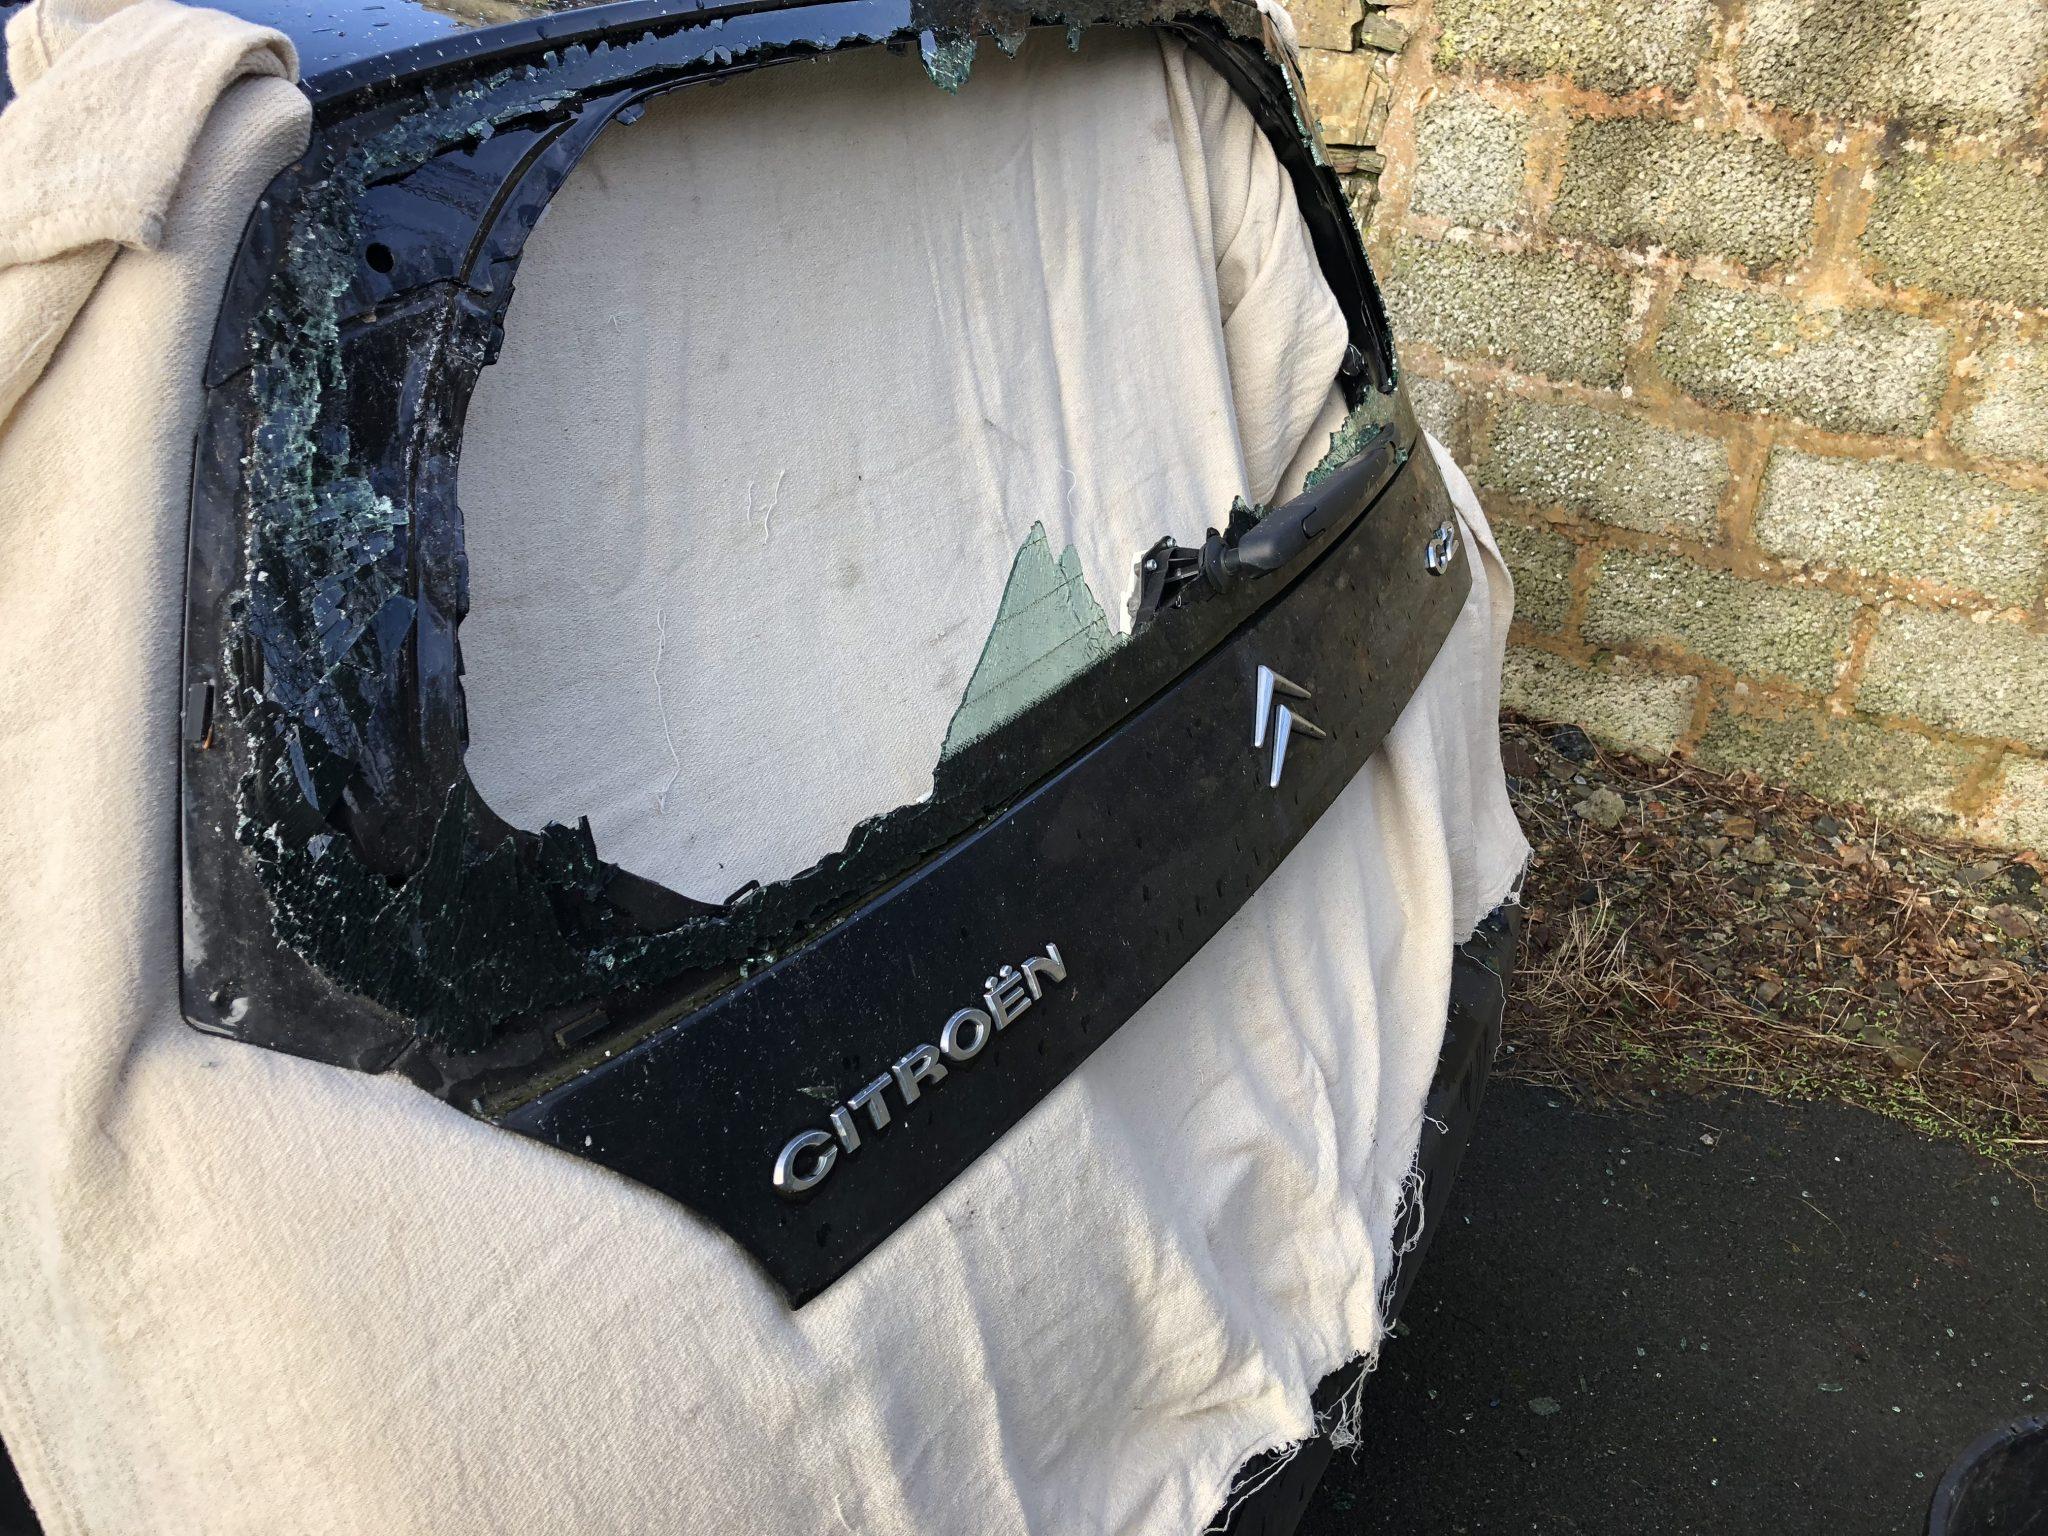 Citroen C2 Smashed Rear Window